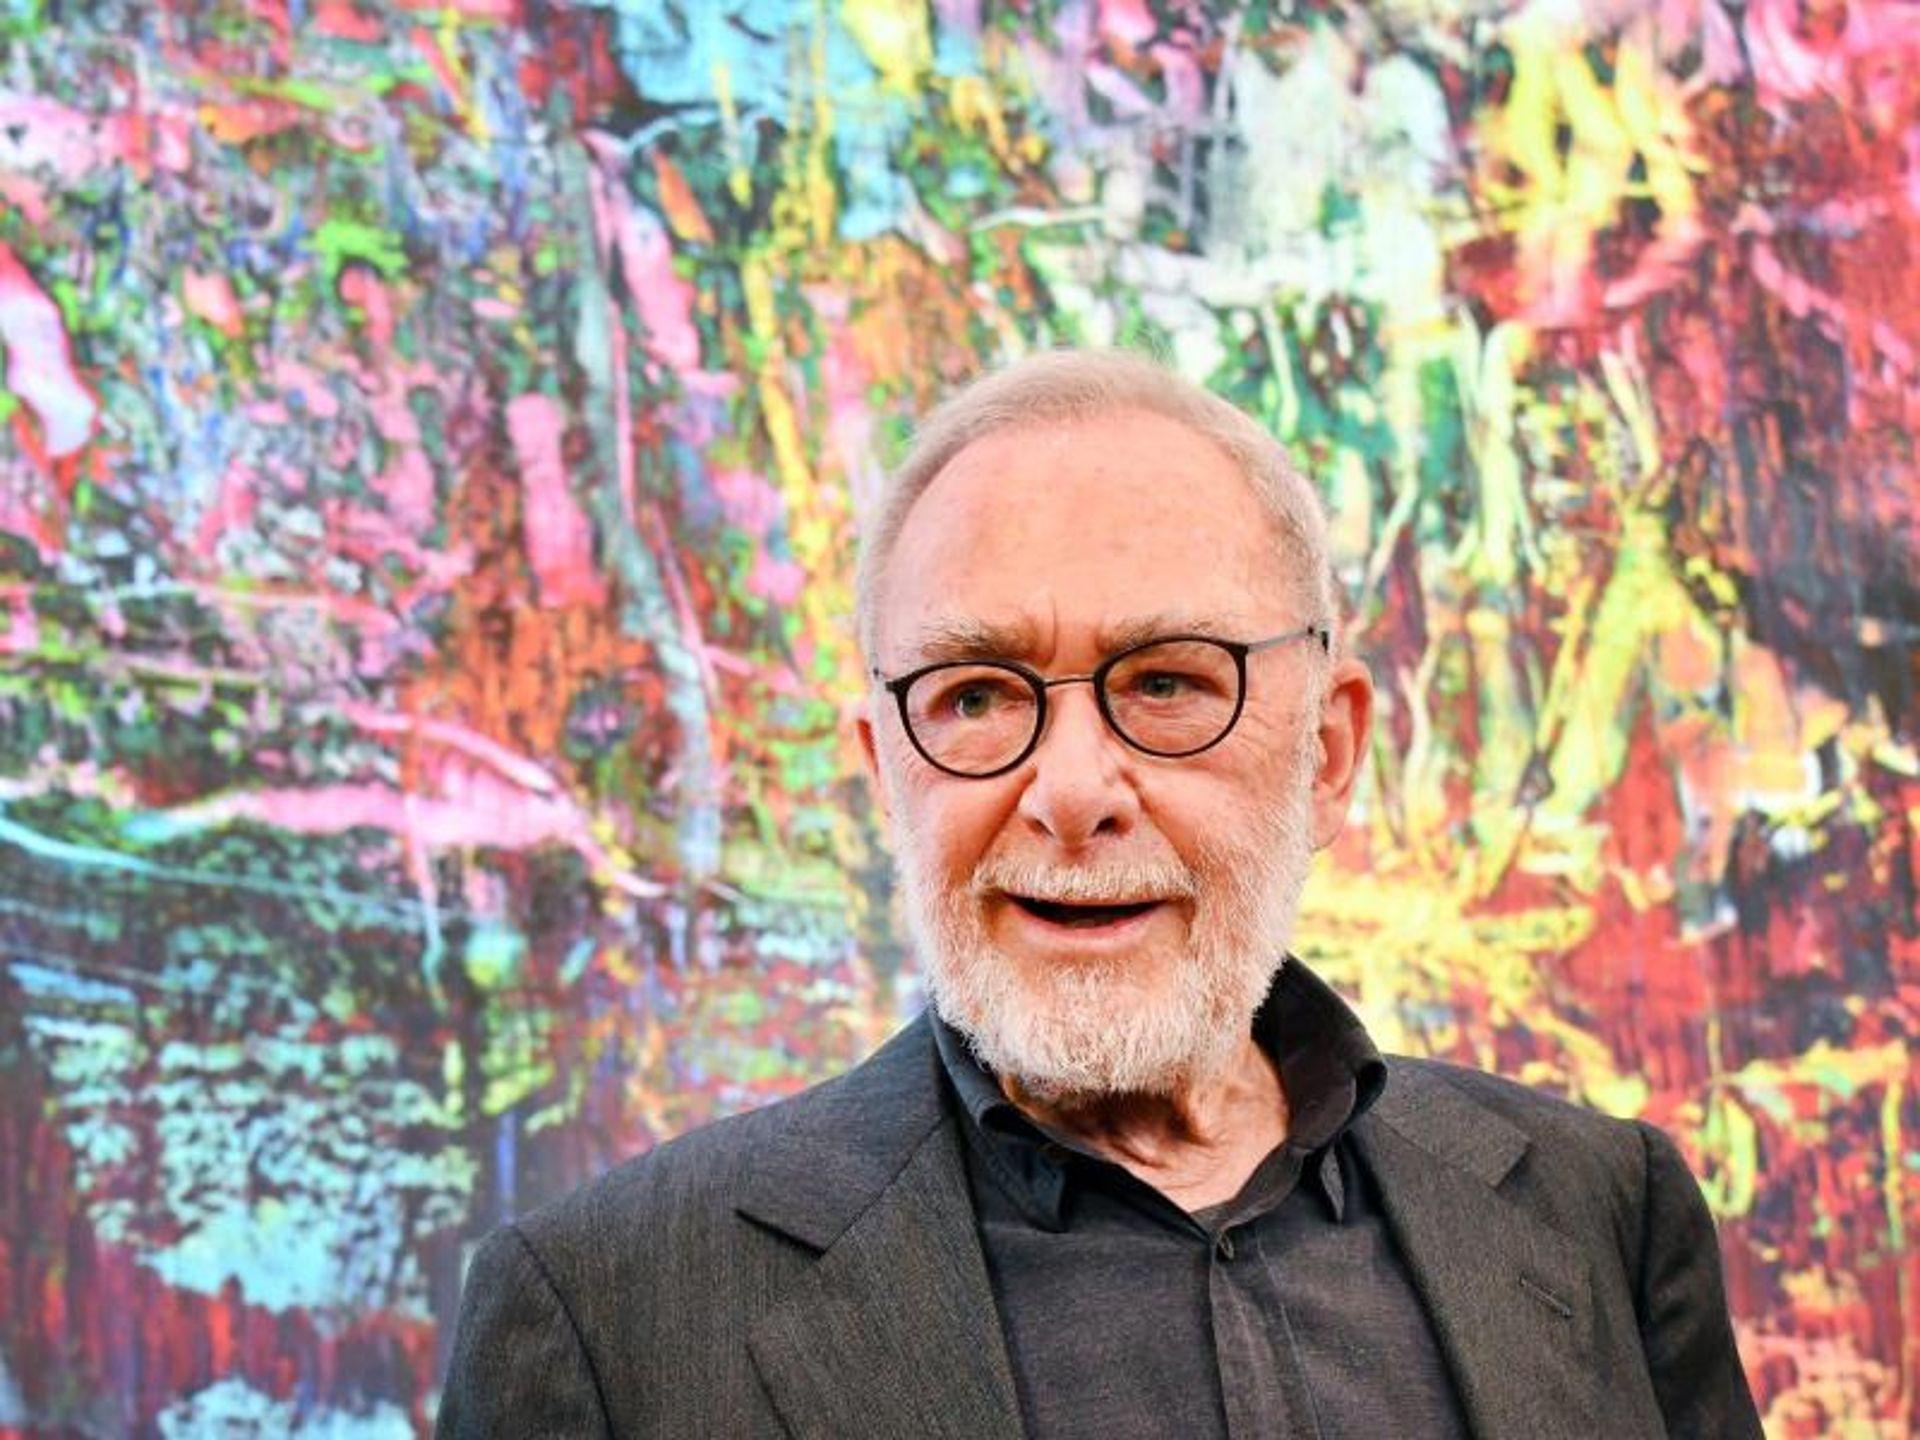 Звезда современного мира искусства и один из самых богатых людей Германии - немецкий художник Герхард Рихтер.